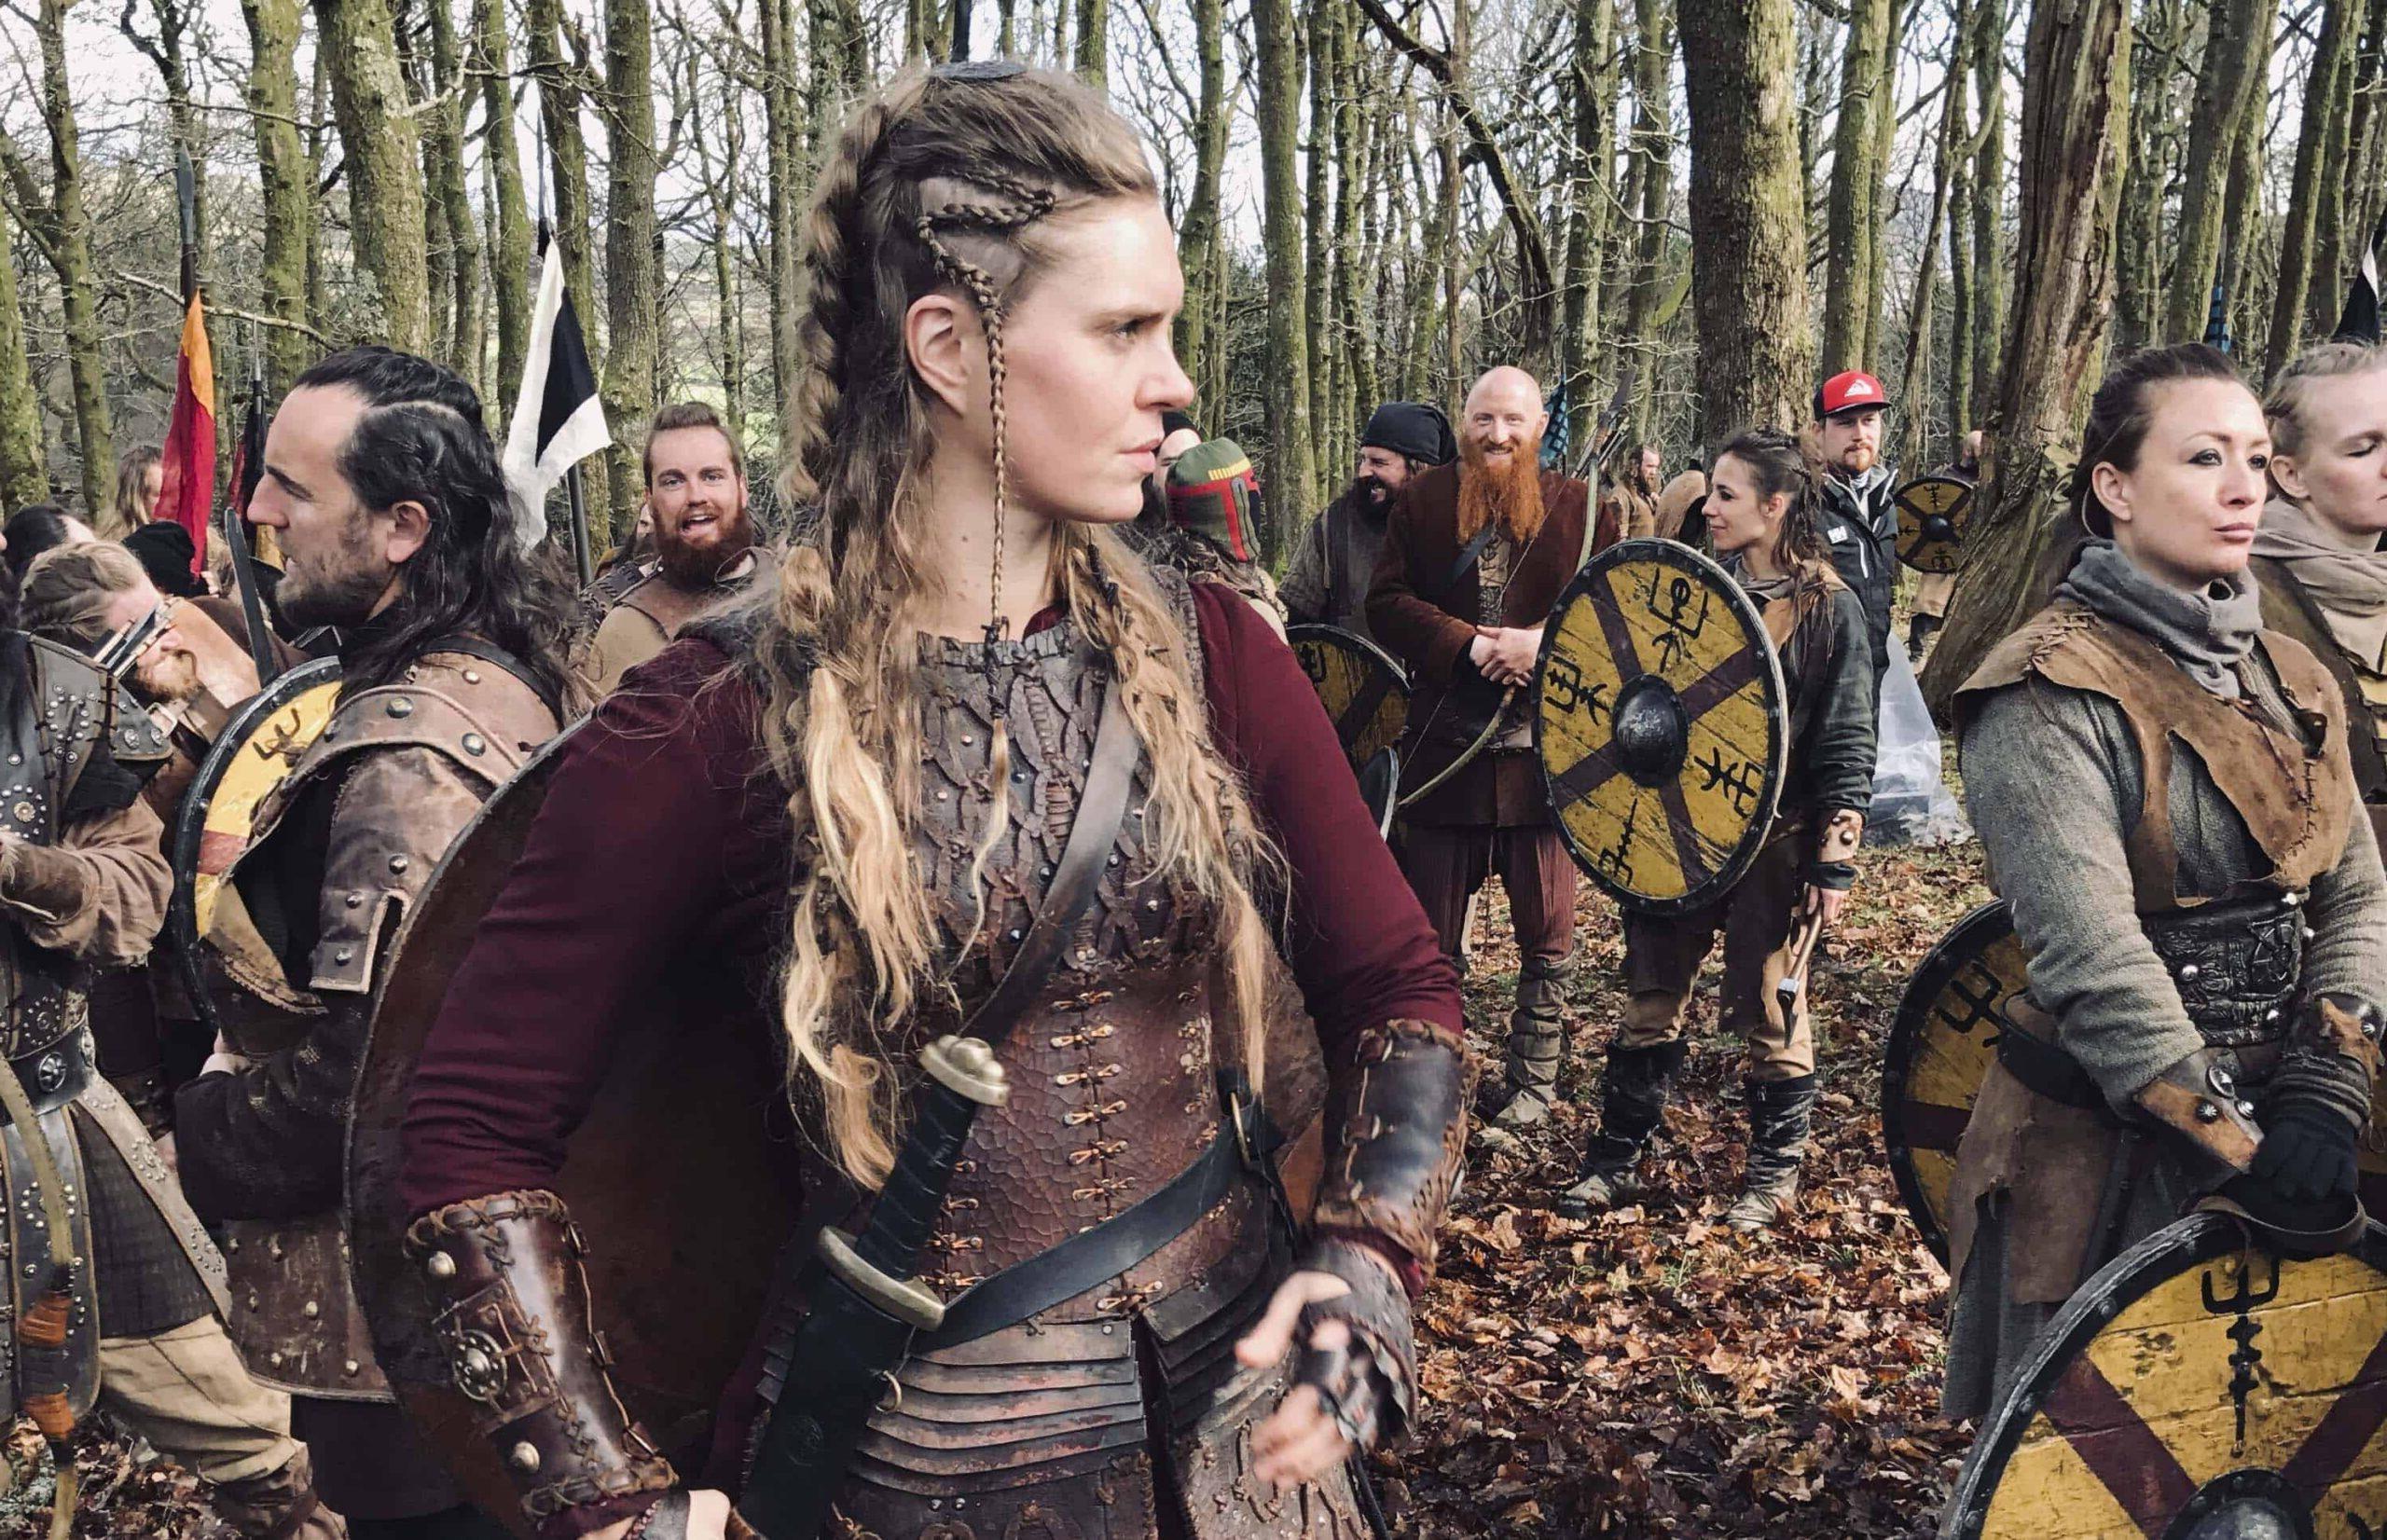 بحث طرفداران سریال Vikings در مورد مرگ تراژیک یکی از شخصیت های محبوب این سریال تاریخی حماسی در فصل پرحادثه ششم و پایانی بالا گرفته است.